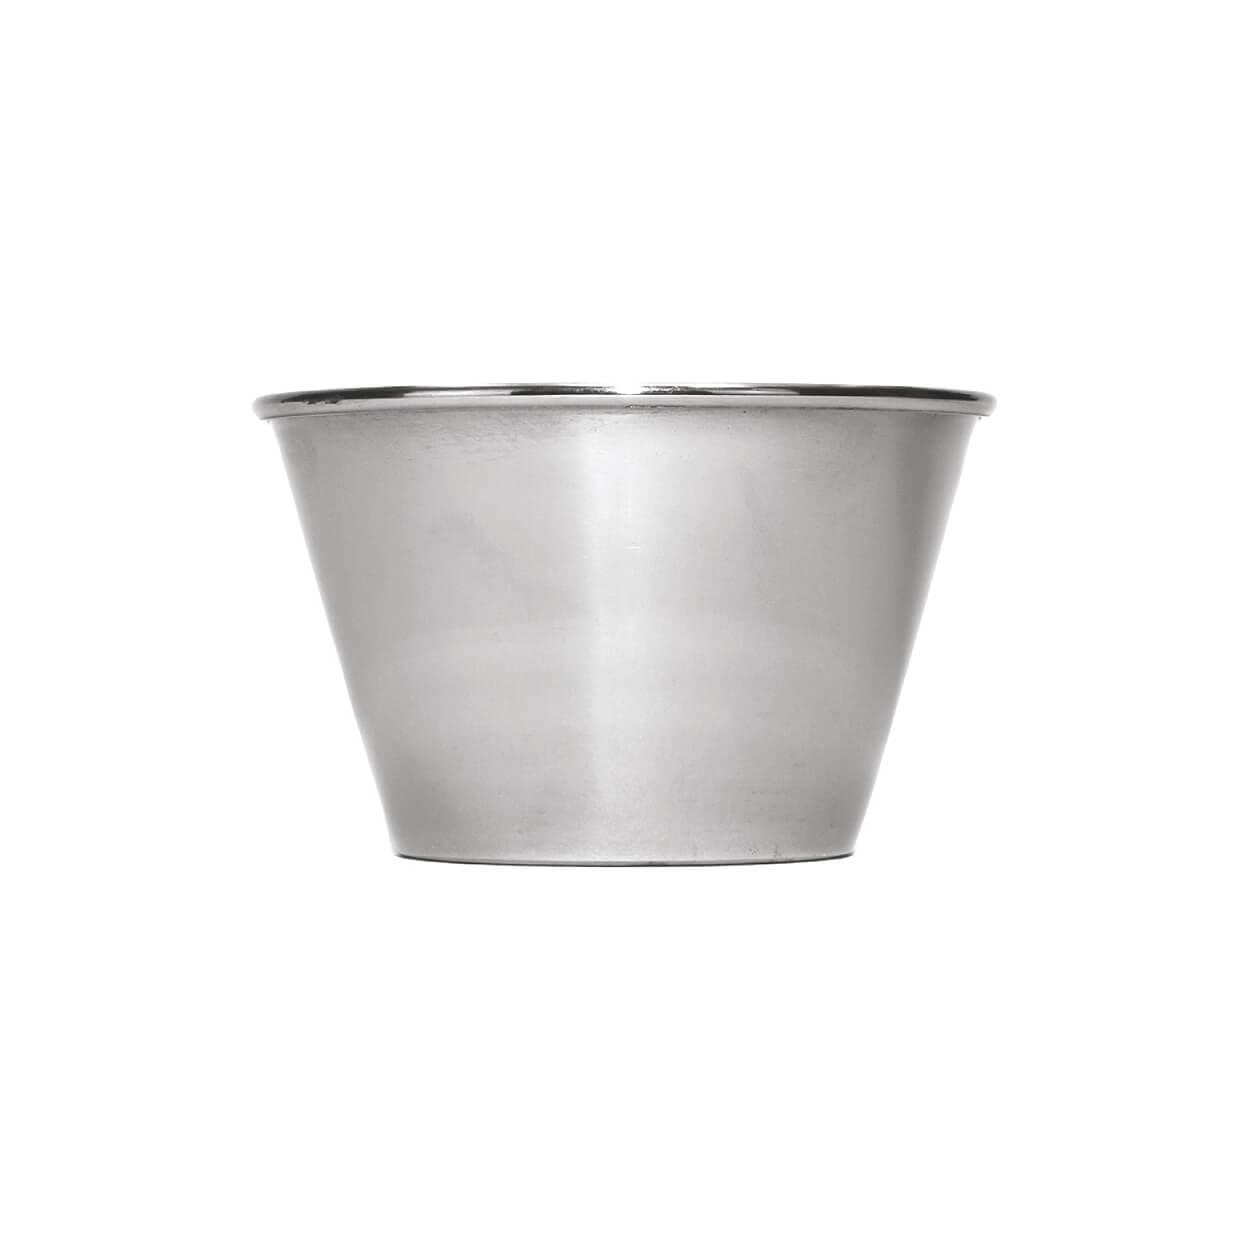 ΜΠΟΛ ΚΩΝΙΚΟ INOX 6,5×4εκ